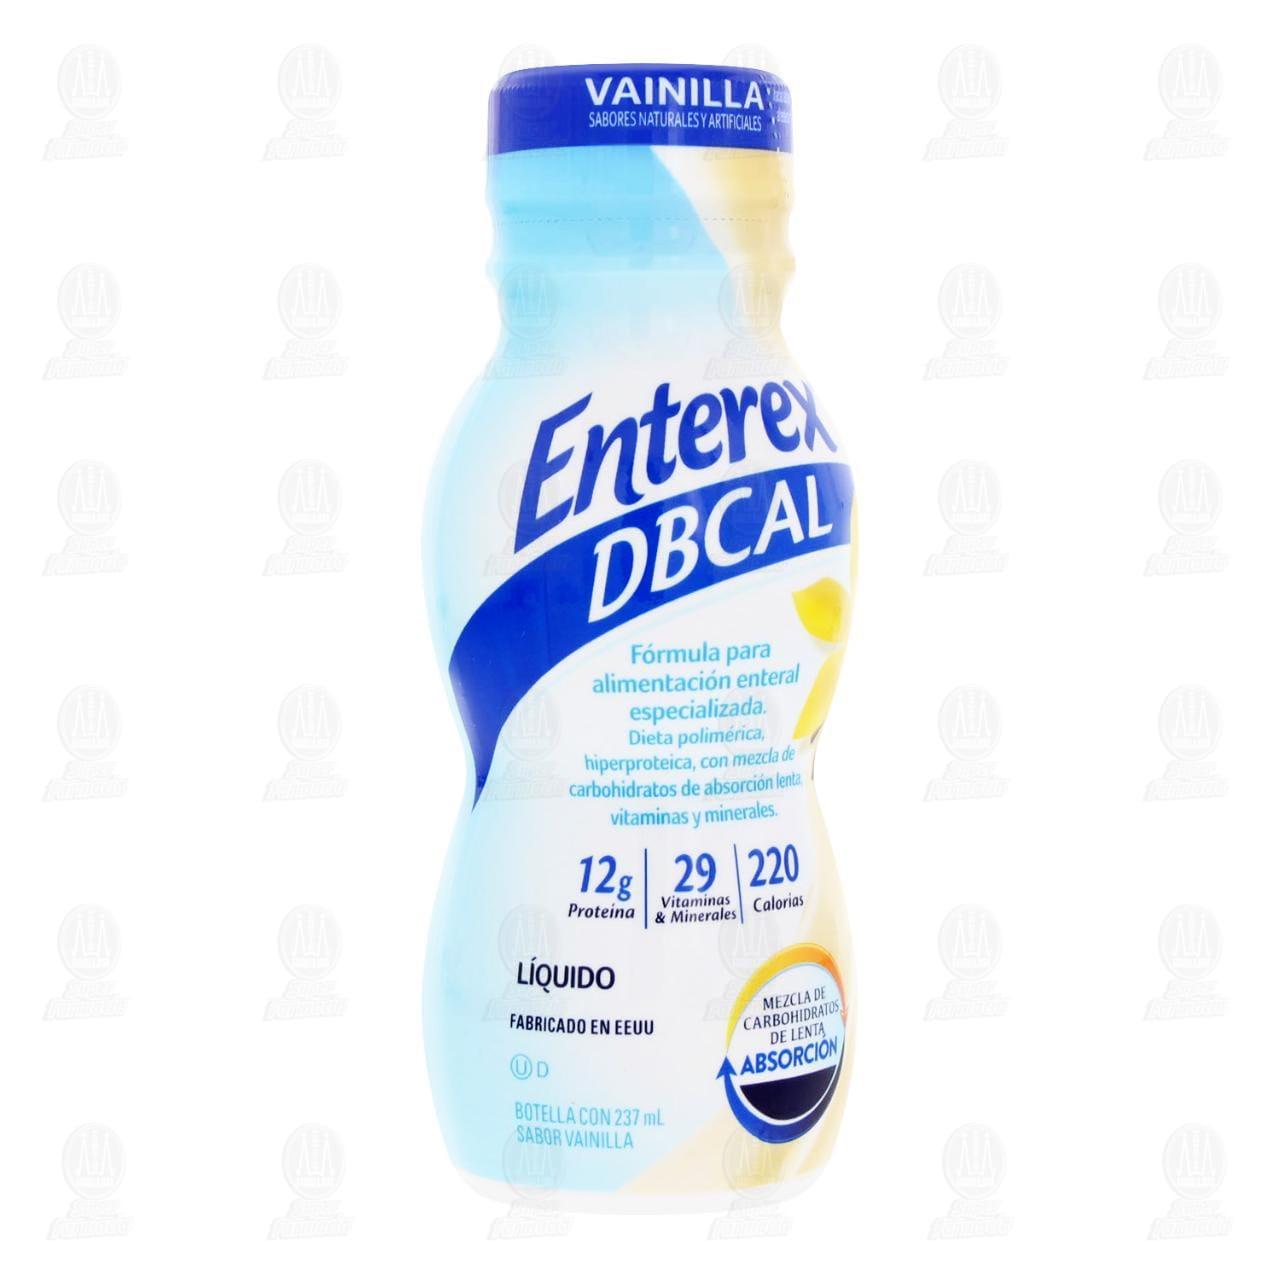 Comprar Enterex DBT Sabor Vainilla 237ml en Farmacias Guadalajara